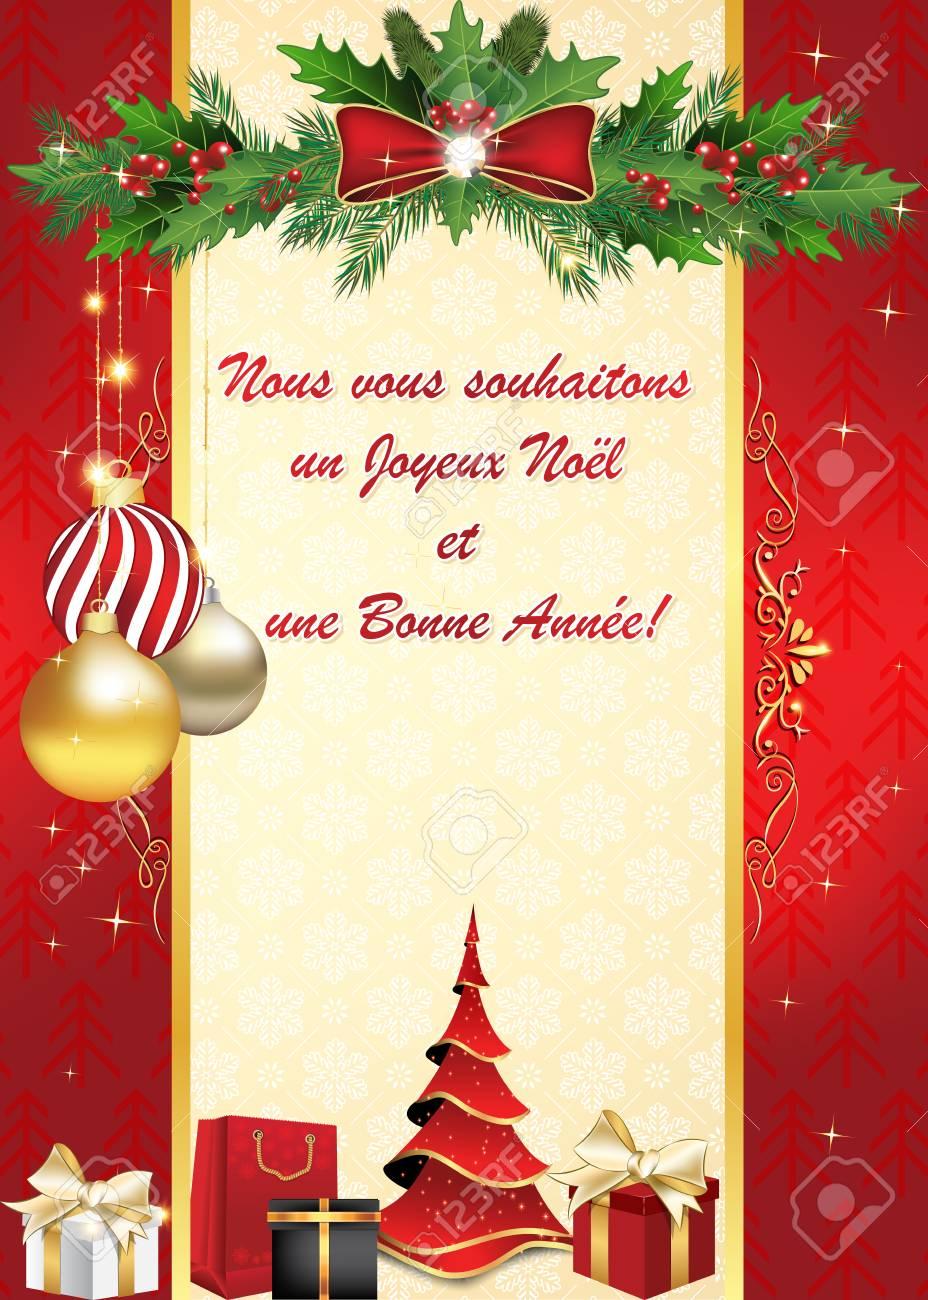 Wir Wünschen Euch Frohe Weihnachten Und Einen Guten Rutsch.Stock Photo